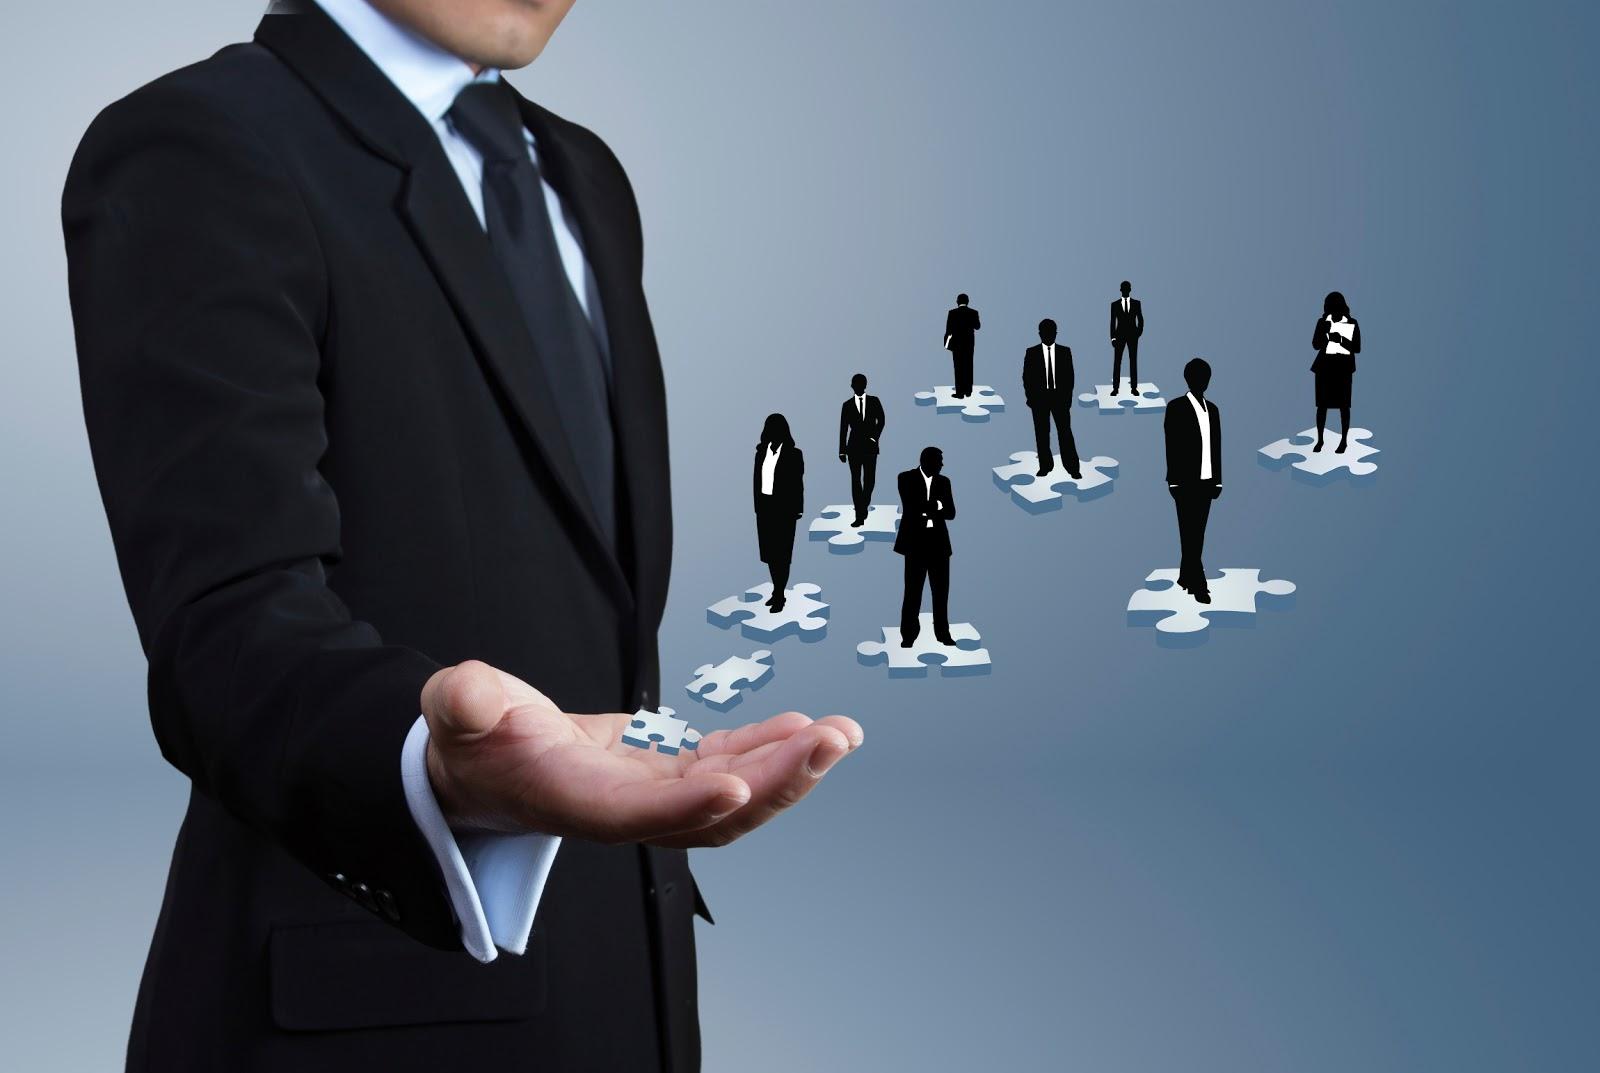 Điểm khác biệt giữa tự tuyển dụng & dịch vụ tuyển dụng nhân sự?